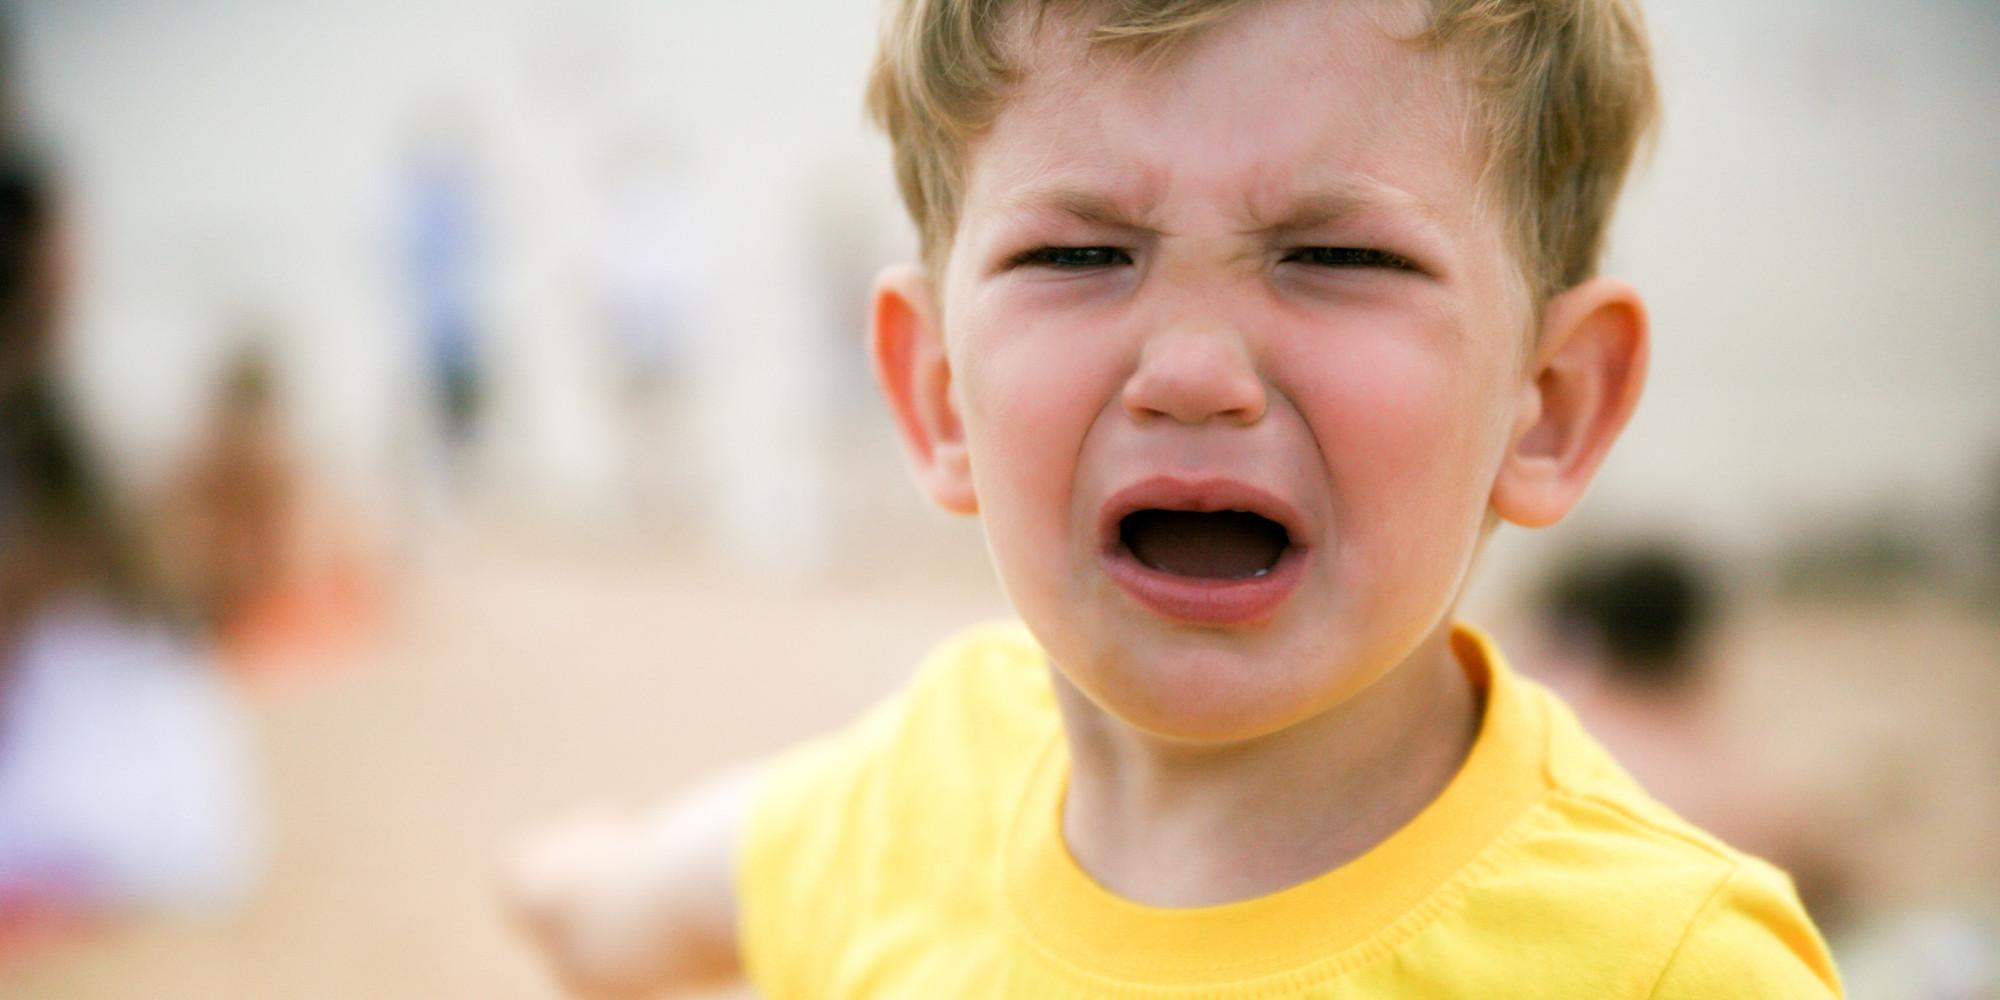 warum kinder nicht für einen wutanfall bestraft werden sollten